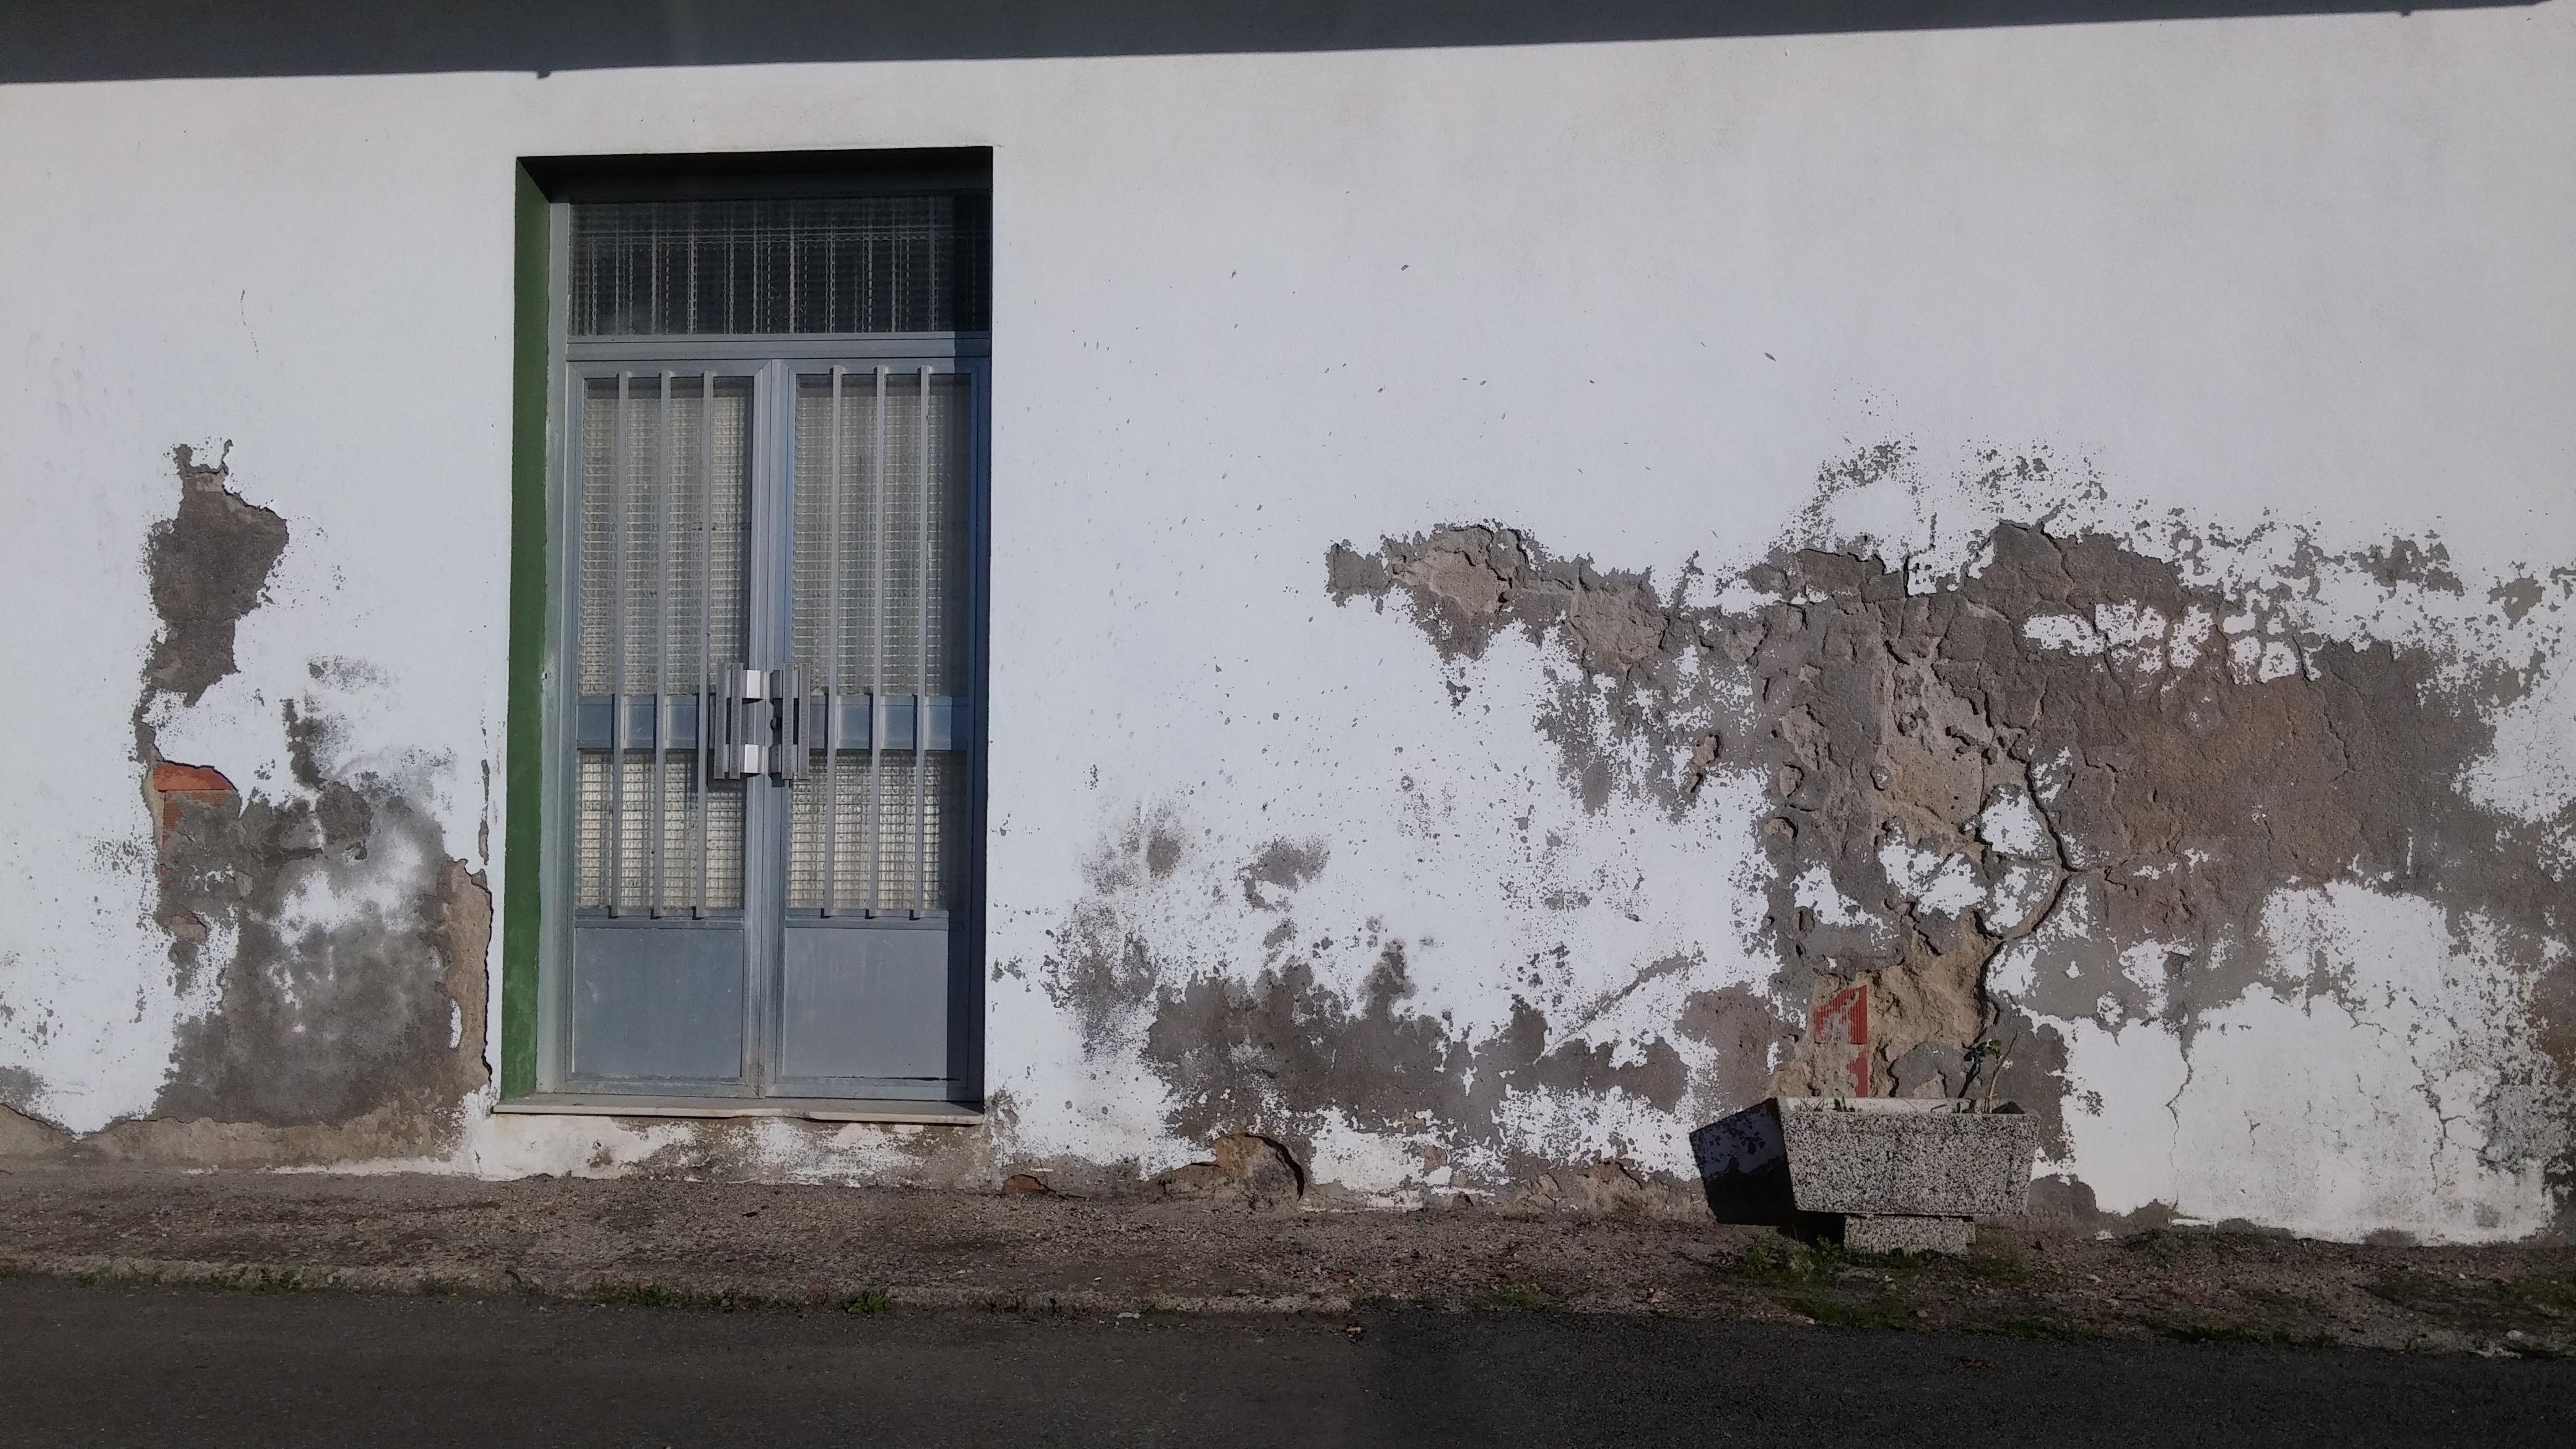 Soluciona los problemas de capilaridad ascendente con - Humedad en la pared ...